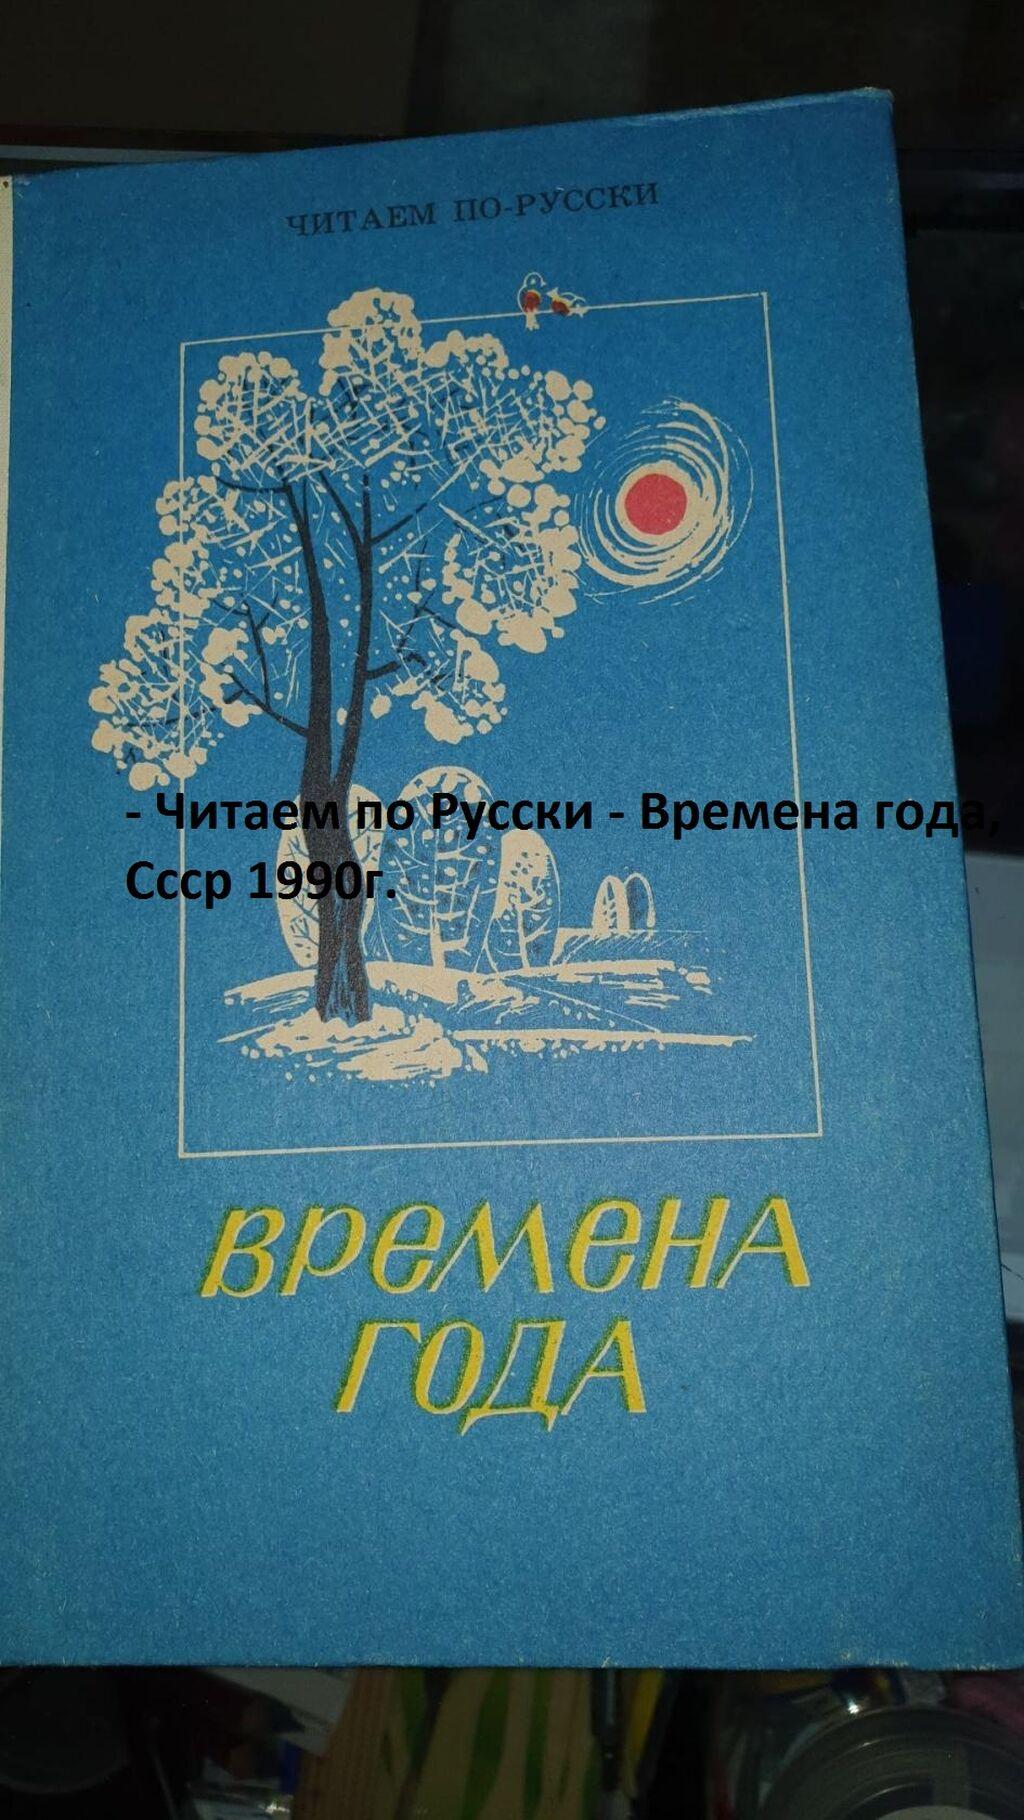 - Читаем по Русски - Времена года, Ссср 1990г.   (Whatsapp): - Читаем по Русски - Времена года, Ссср 1990г.   (Whatsapp)